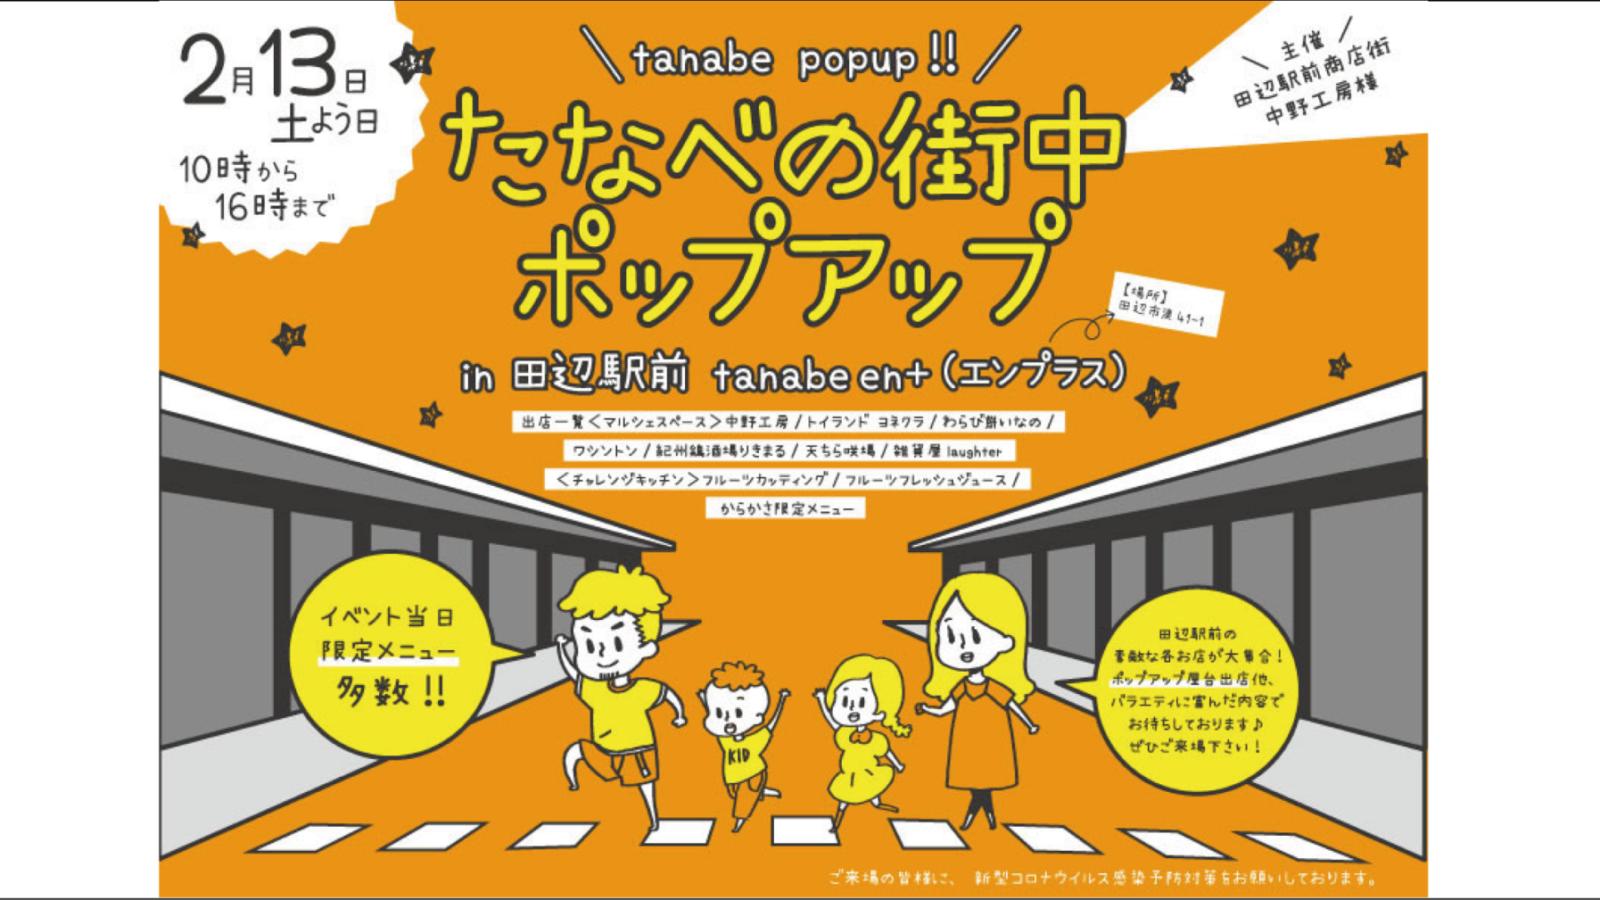 たなべの街中ポップアップ<br>~in田辺駅前 tanabe en+~